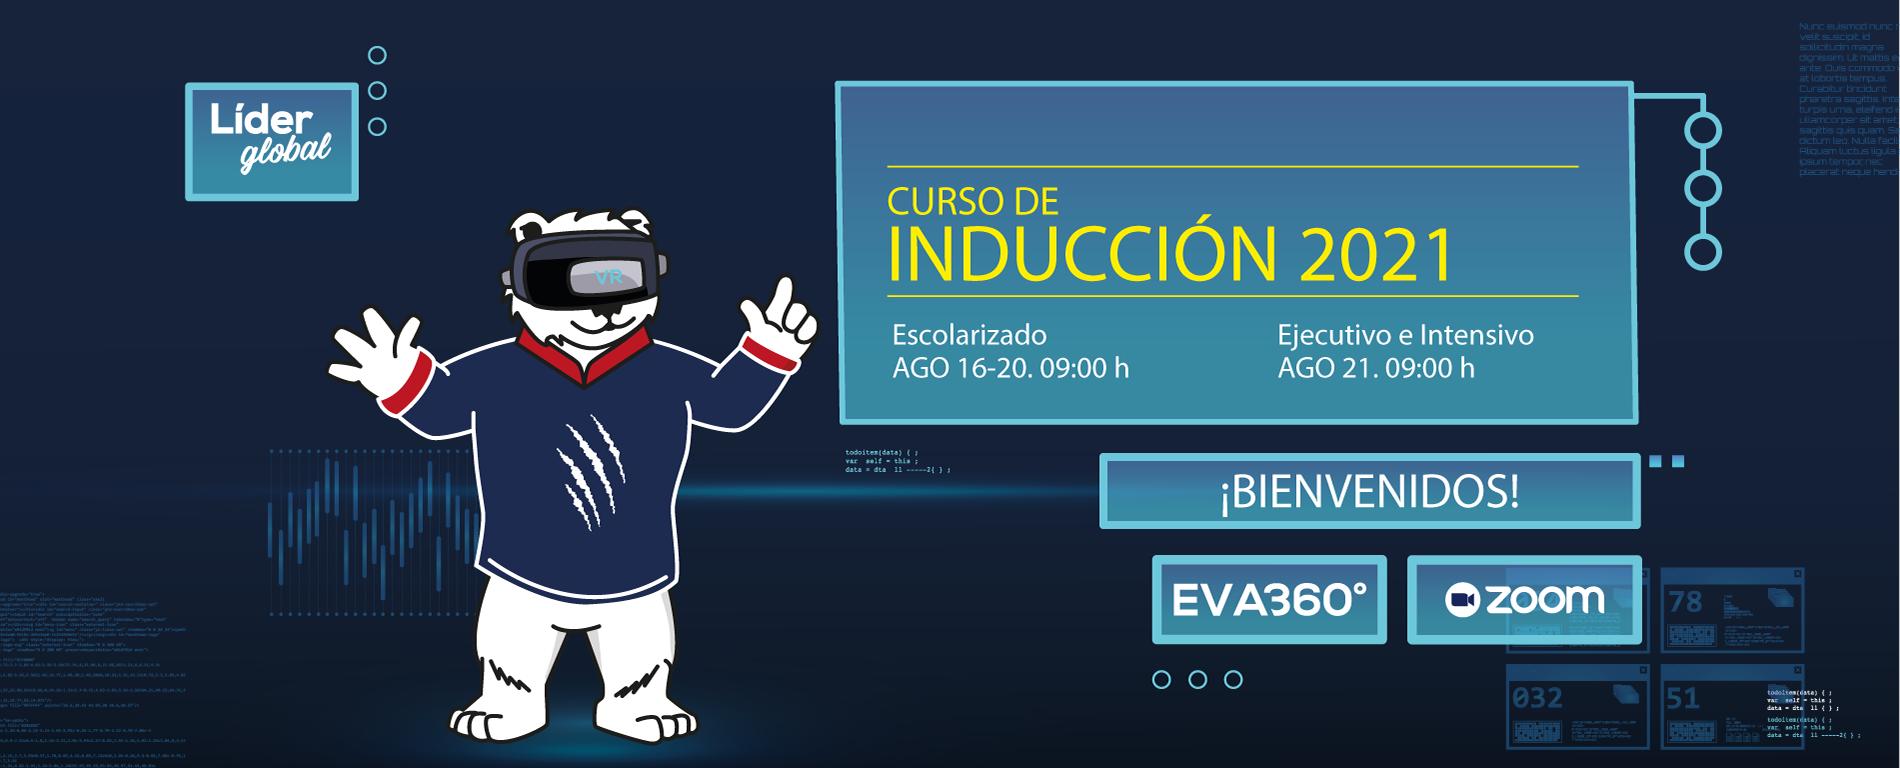 Curso de Inducción 2021